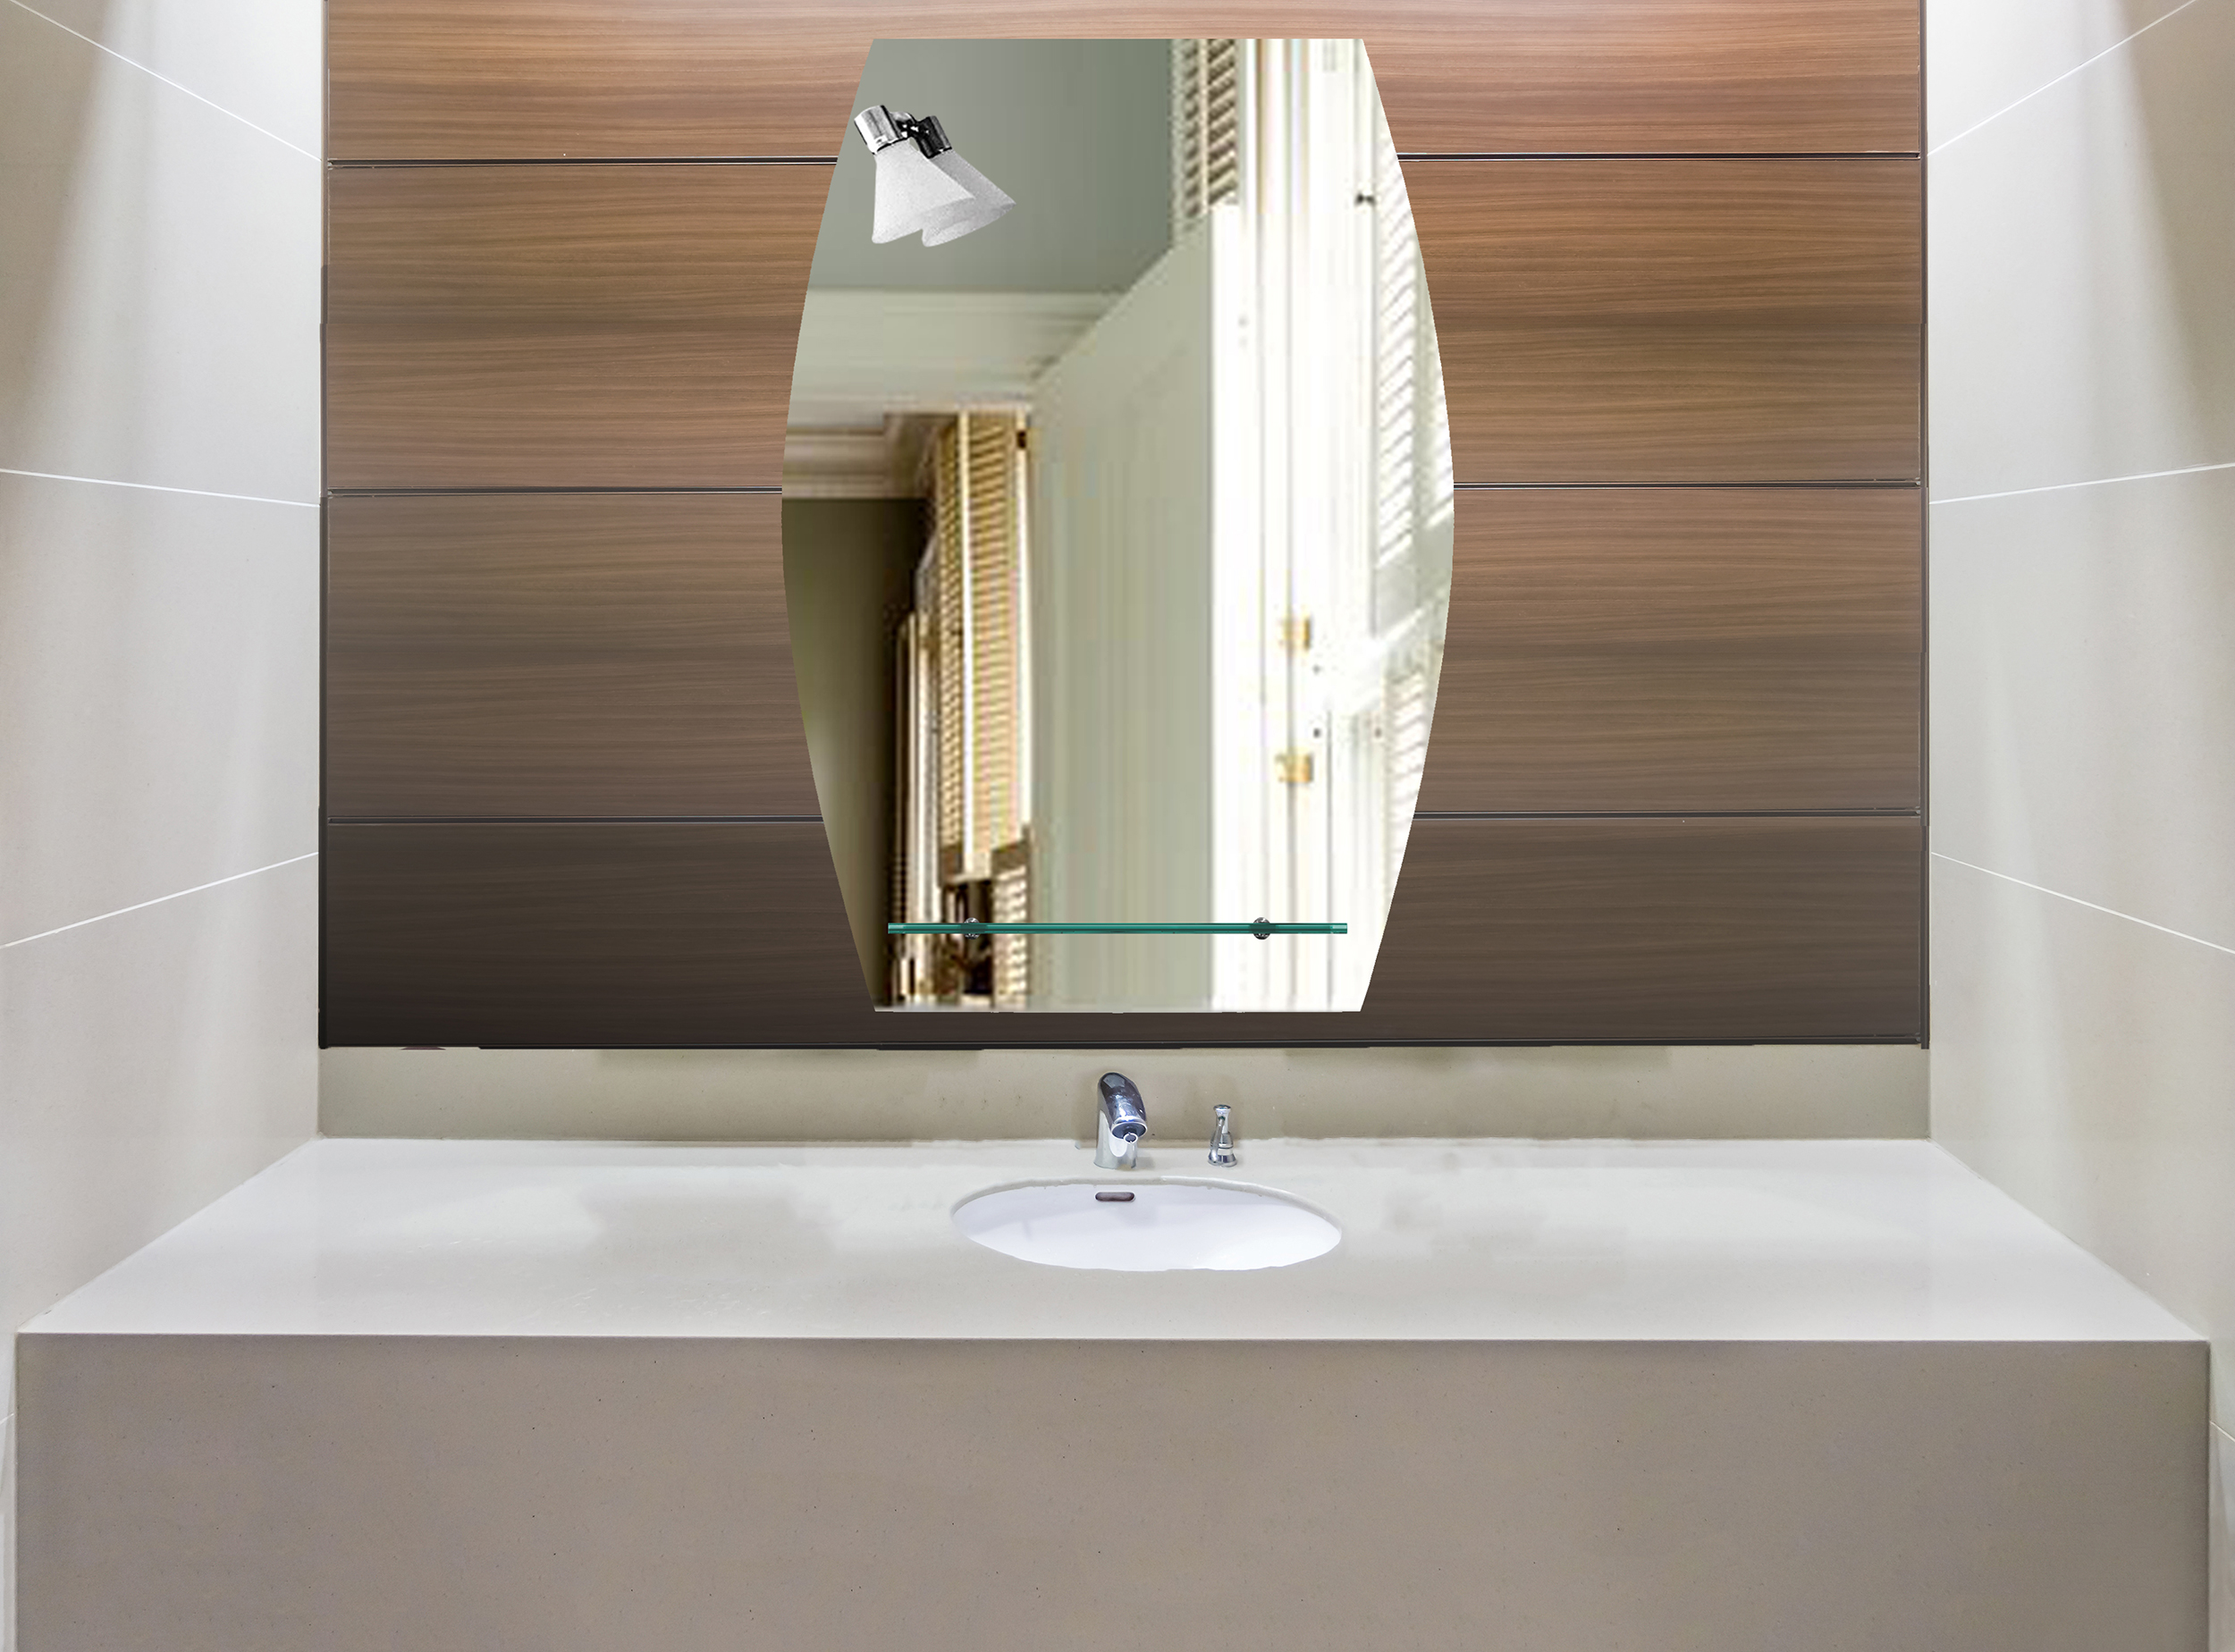 Badspiegel Mit Ablage Und Licht.Badspiegel Spiegel Mit Ablage Und Beleuchtung Badezimmerspiegel